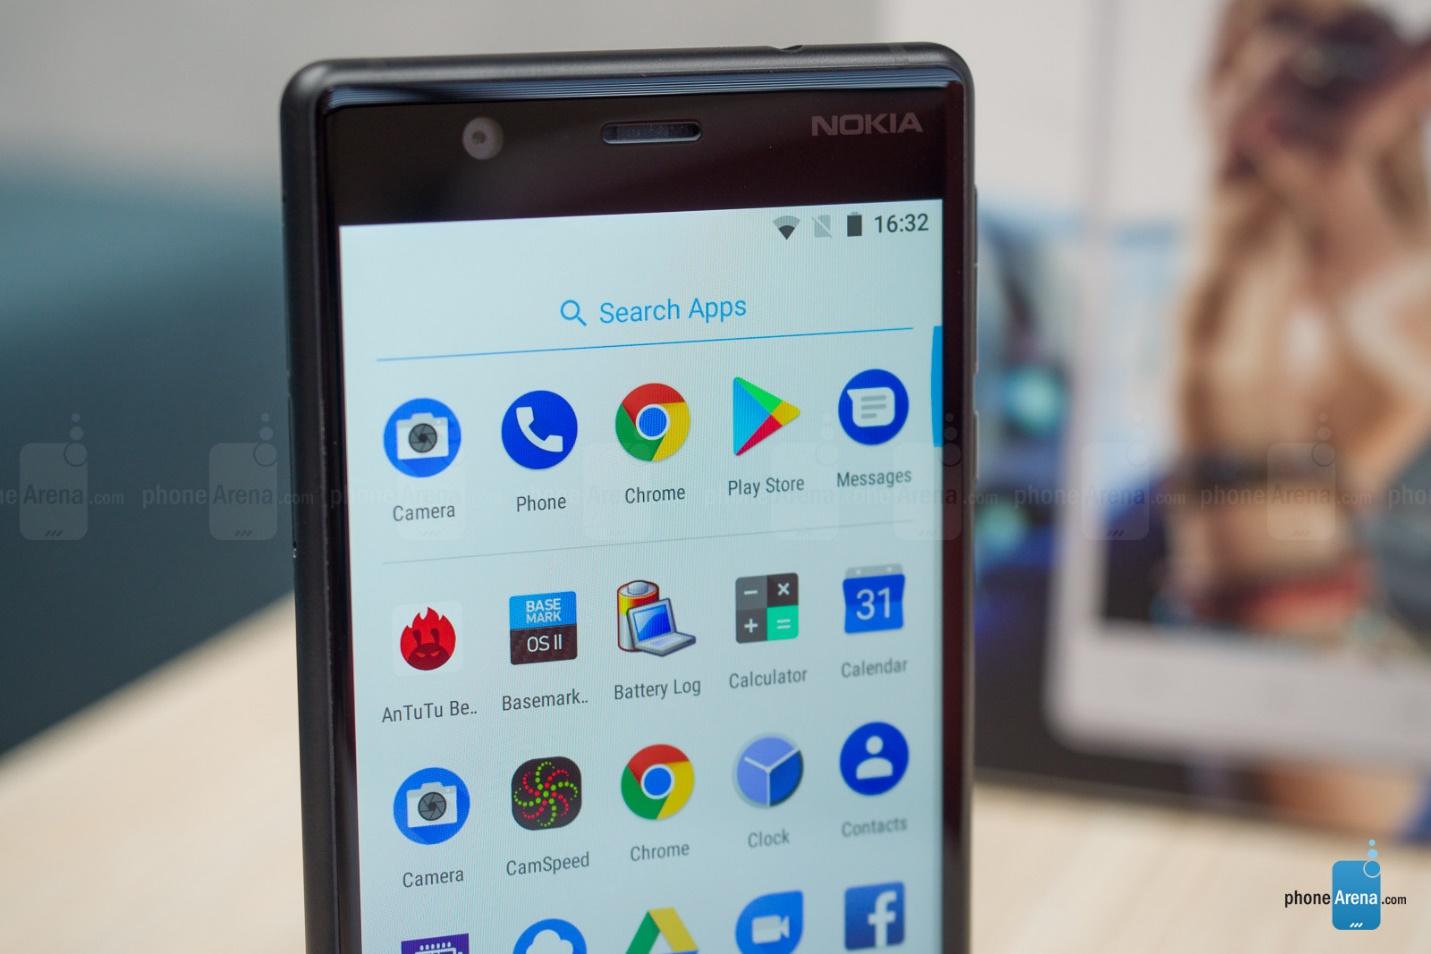 https://i-cdn.phonearena.com/images/reviews/208398-image/Nokia-3-Review-068-UI.jpg